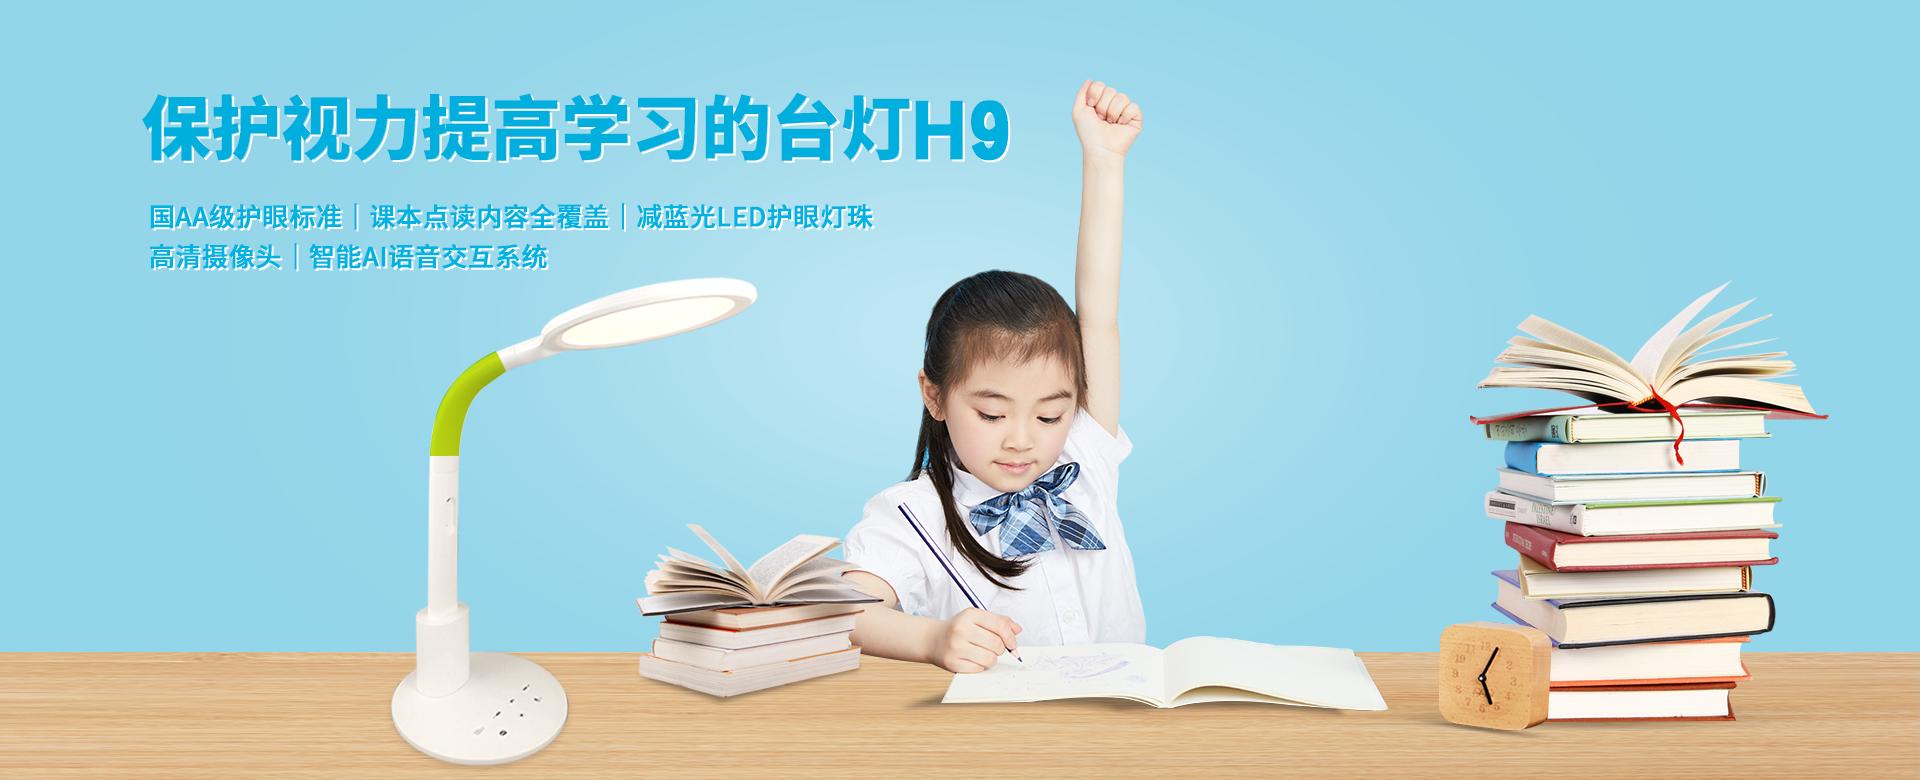 H9、H10-产品